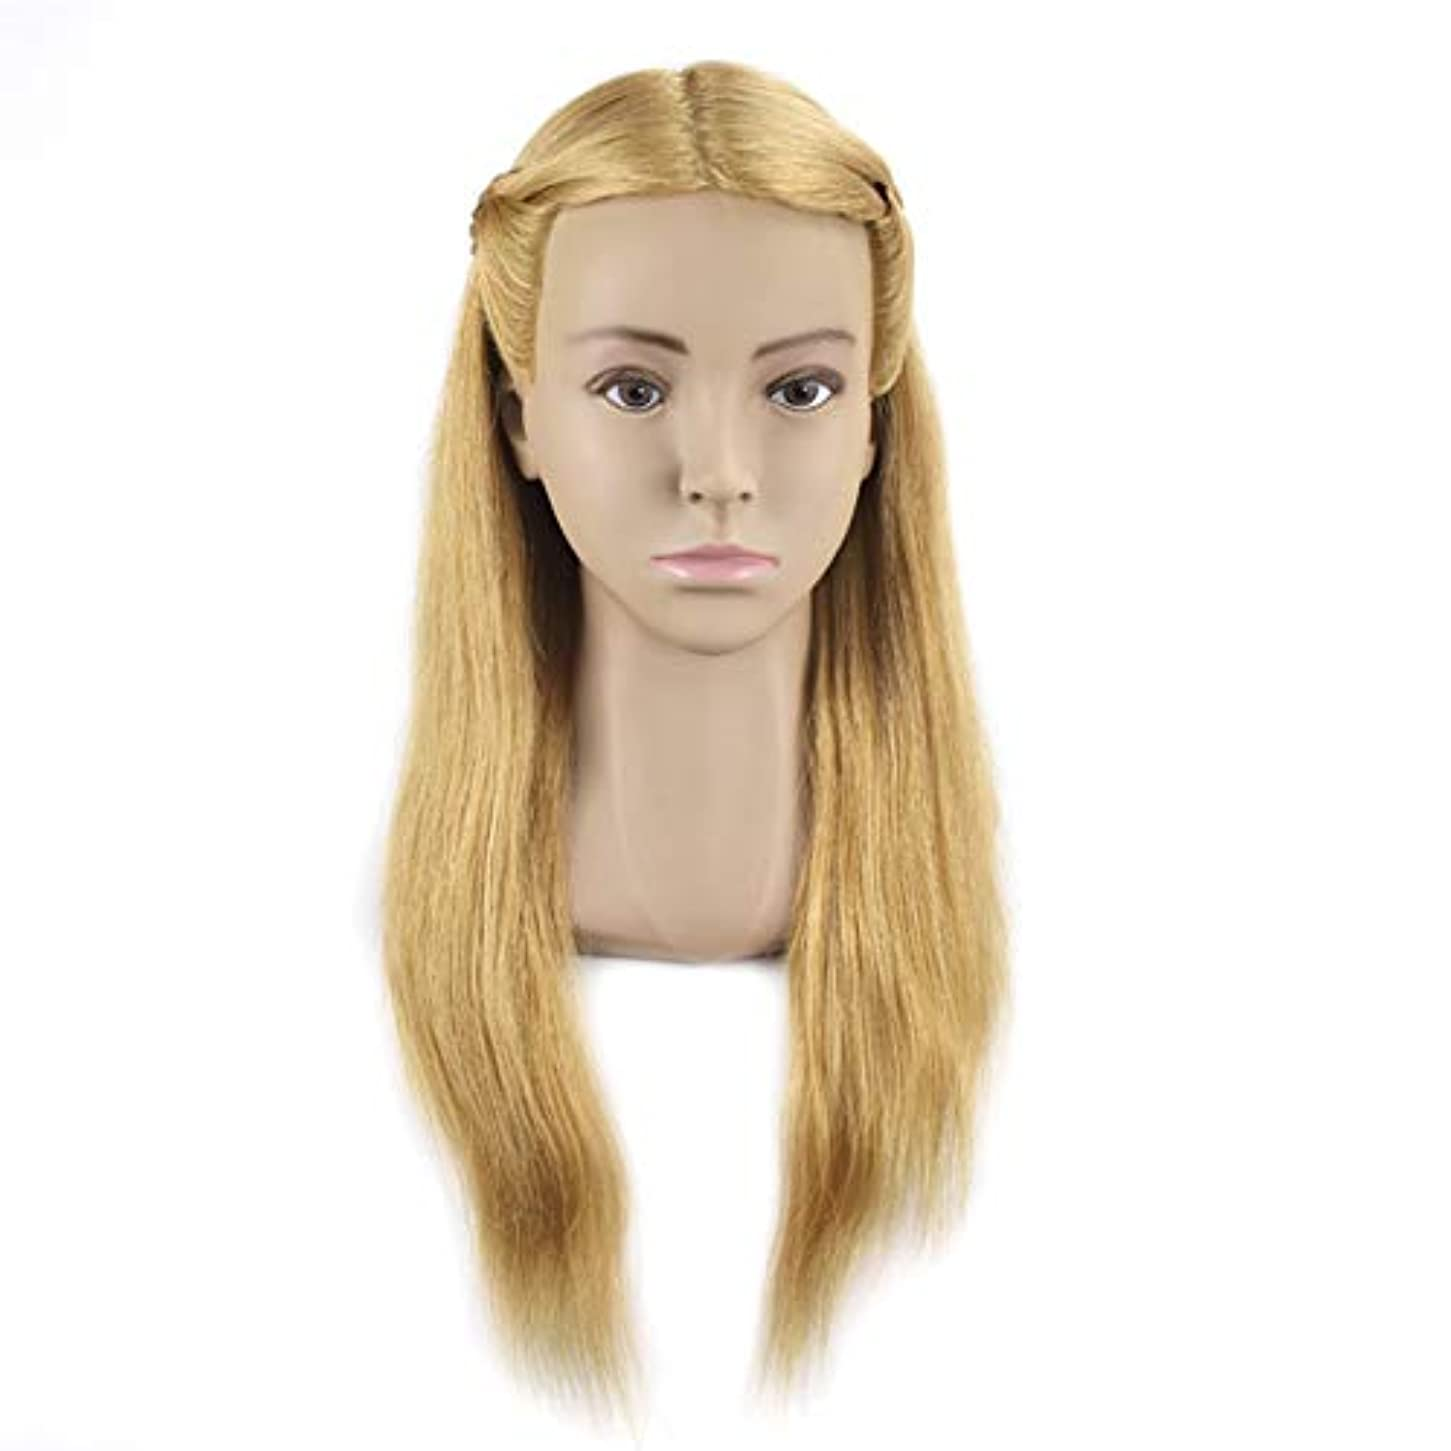 以内に失速ラインナップ完全な人毛ヘアスタイリングモデルヘッド女性モデルヘッドティーチングヘッド理髪店編組髪染め学習ダミーヘッド